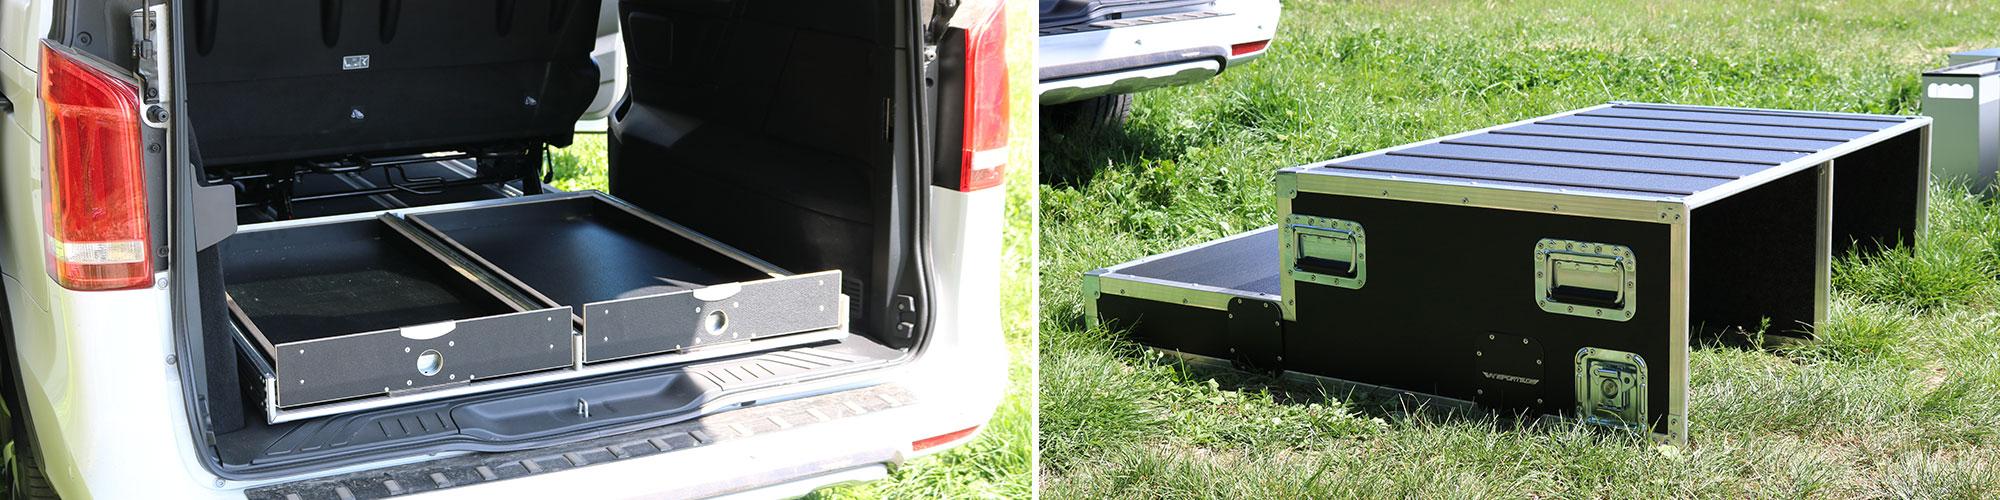 Die vollständig ausgeladene Campingbox einzeln fotografiert